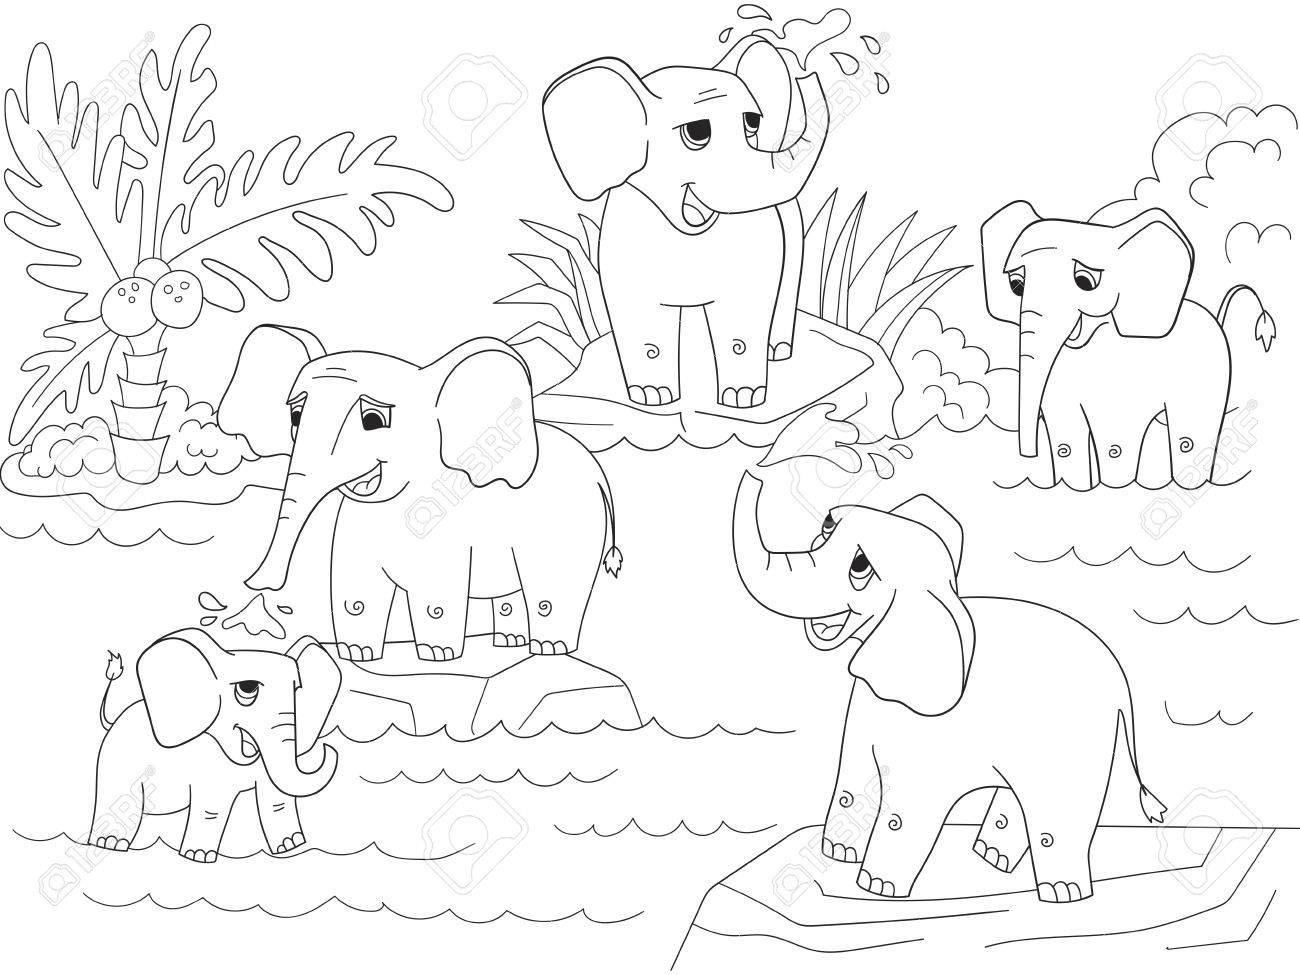 Coloriage Famille Elephant.Famille D Elephants D Afrique Pour Colorier Livre Pour Enfants